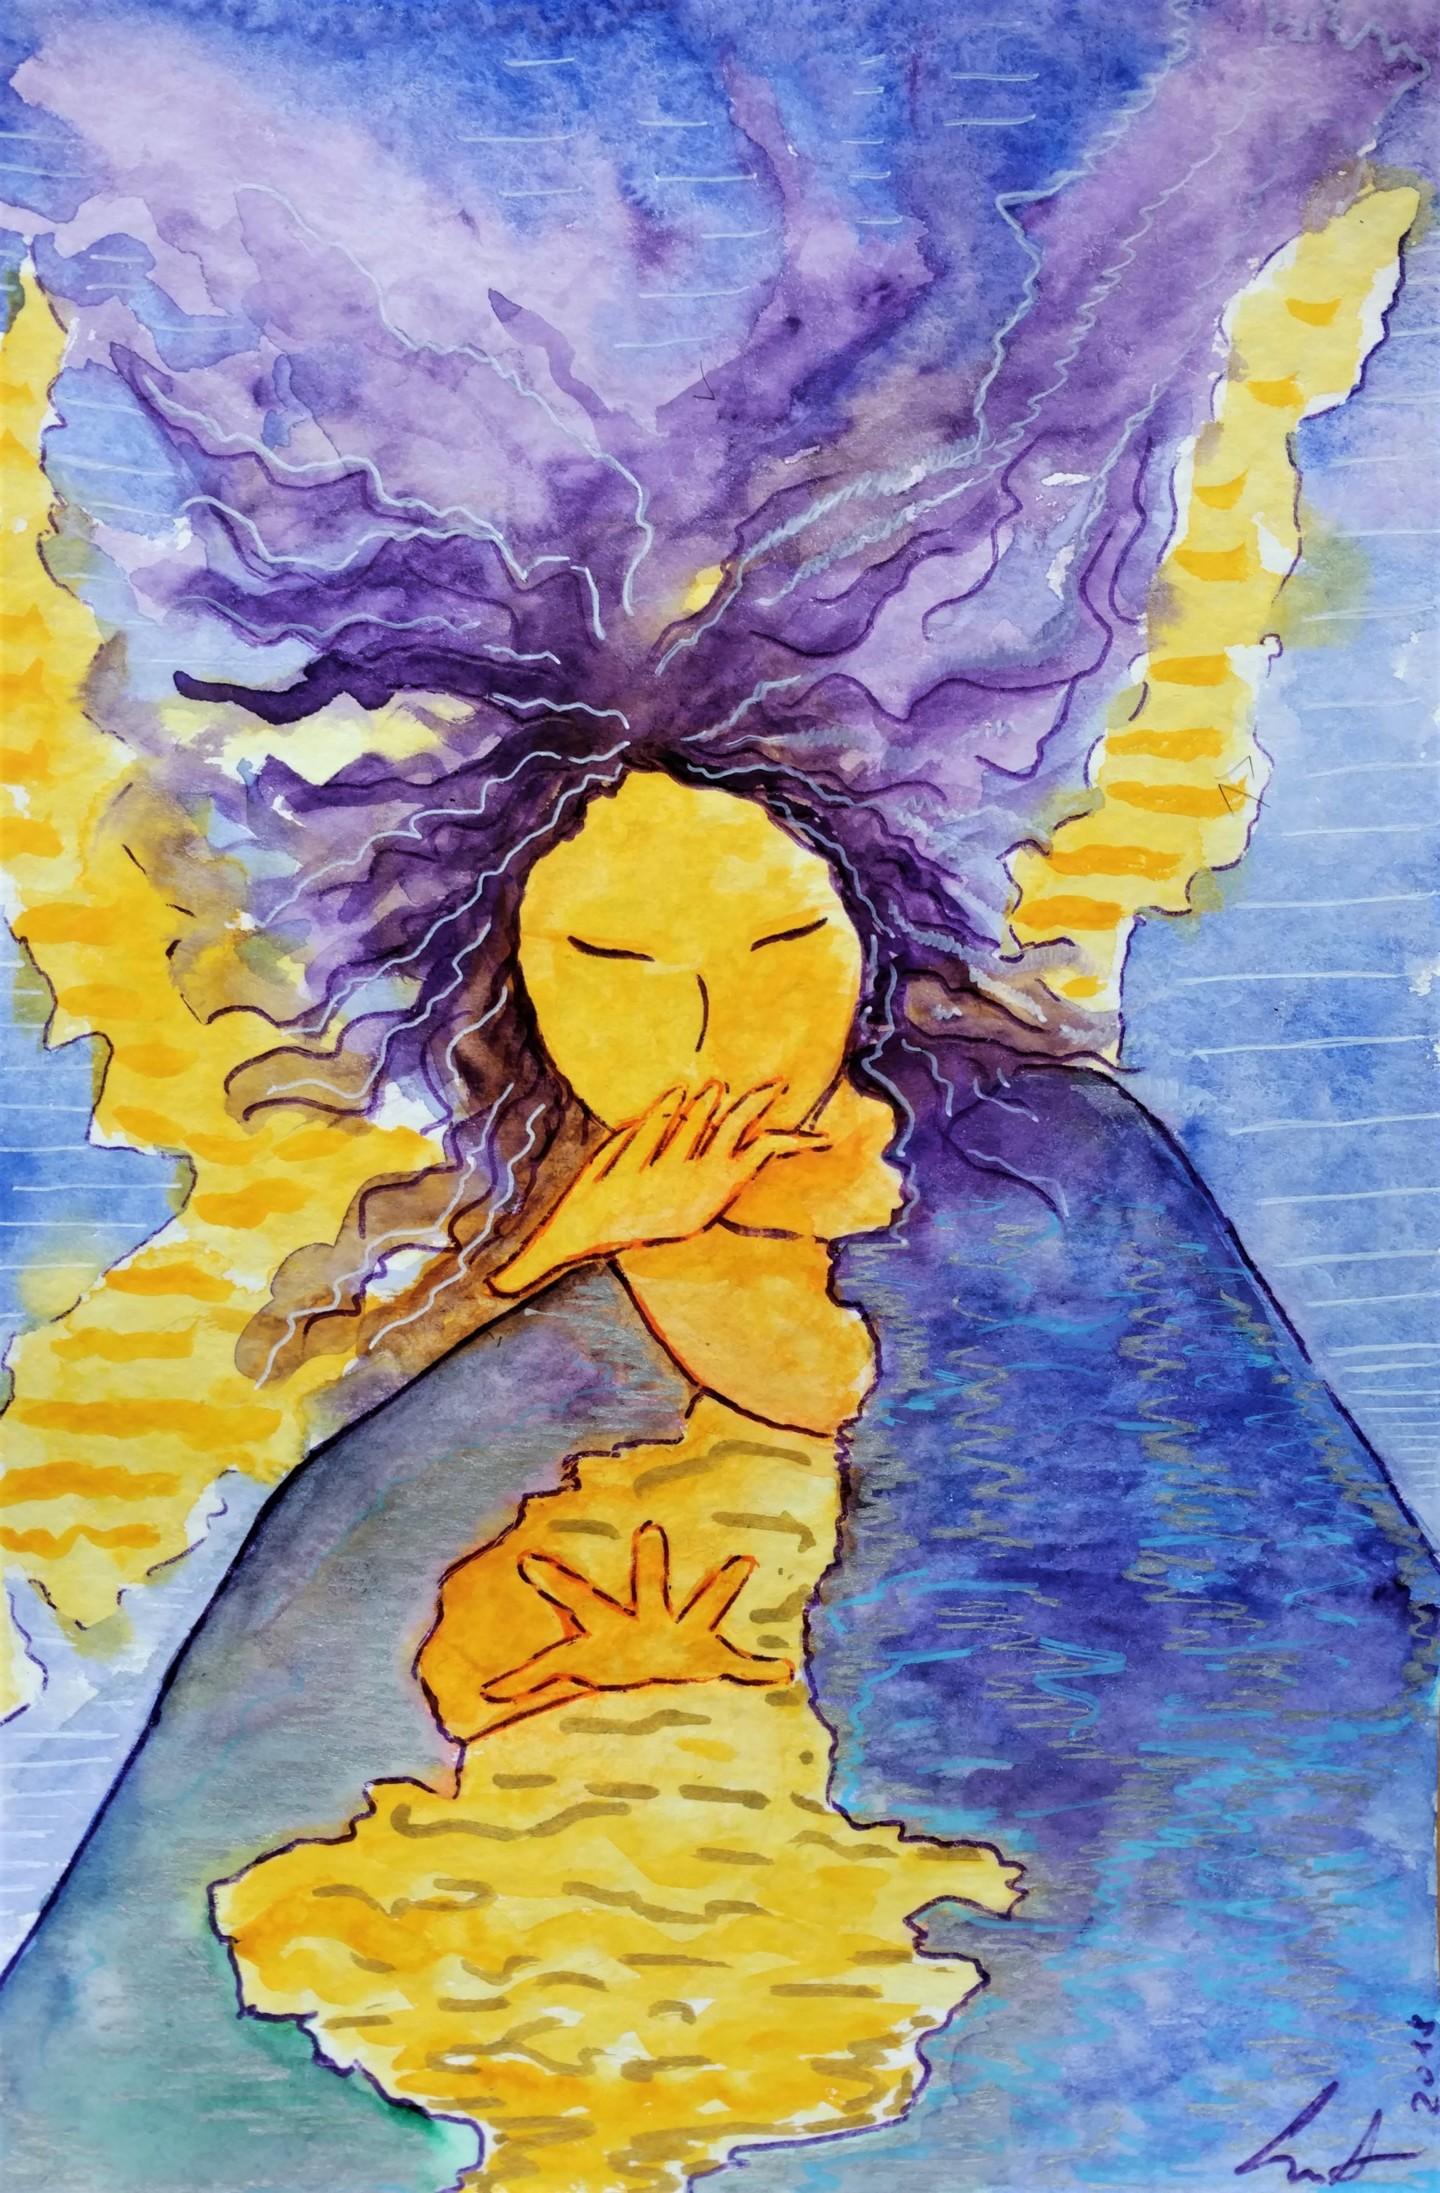 Gioia Albano - Storm woman (Femme tempête)